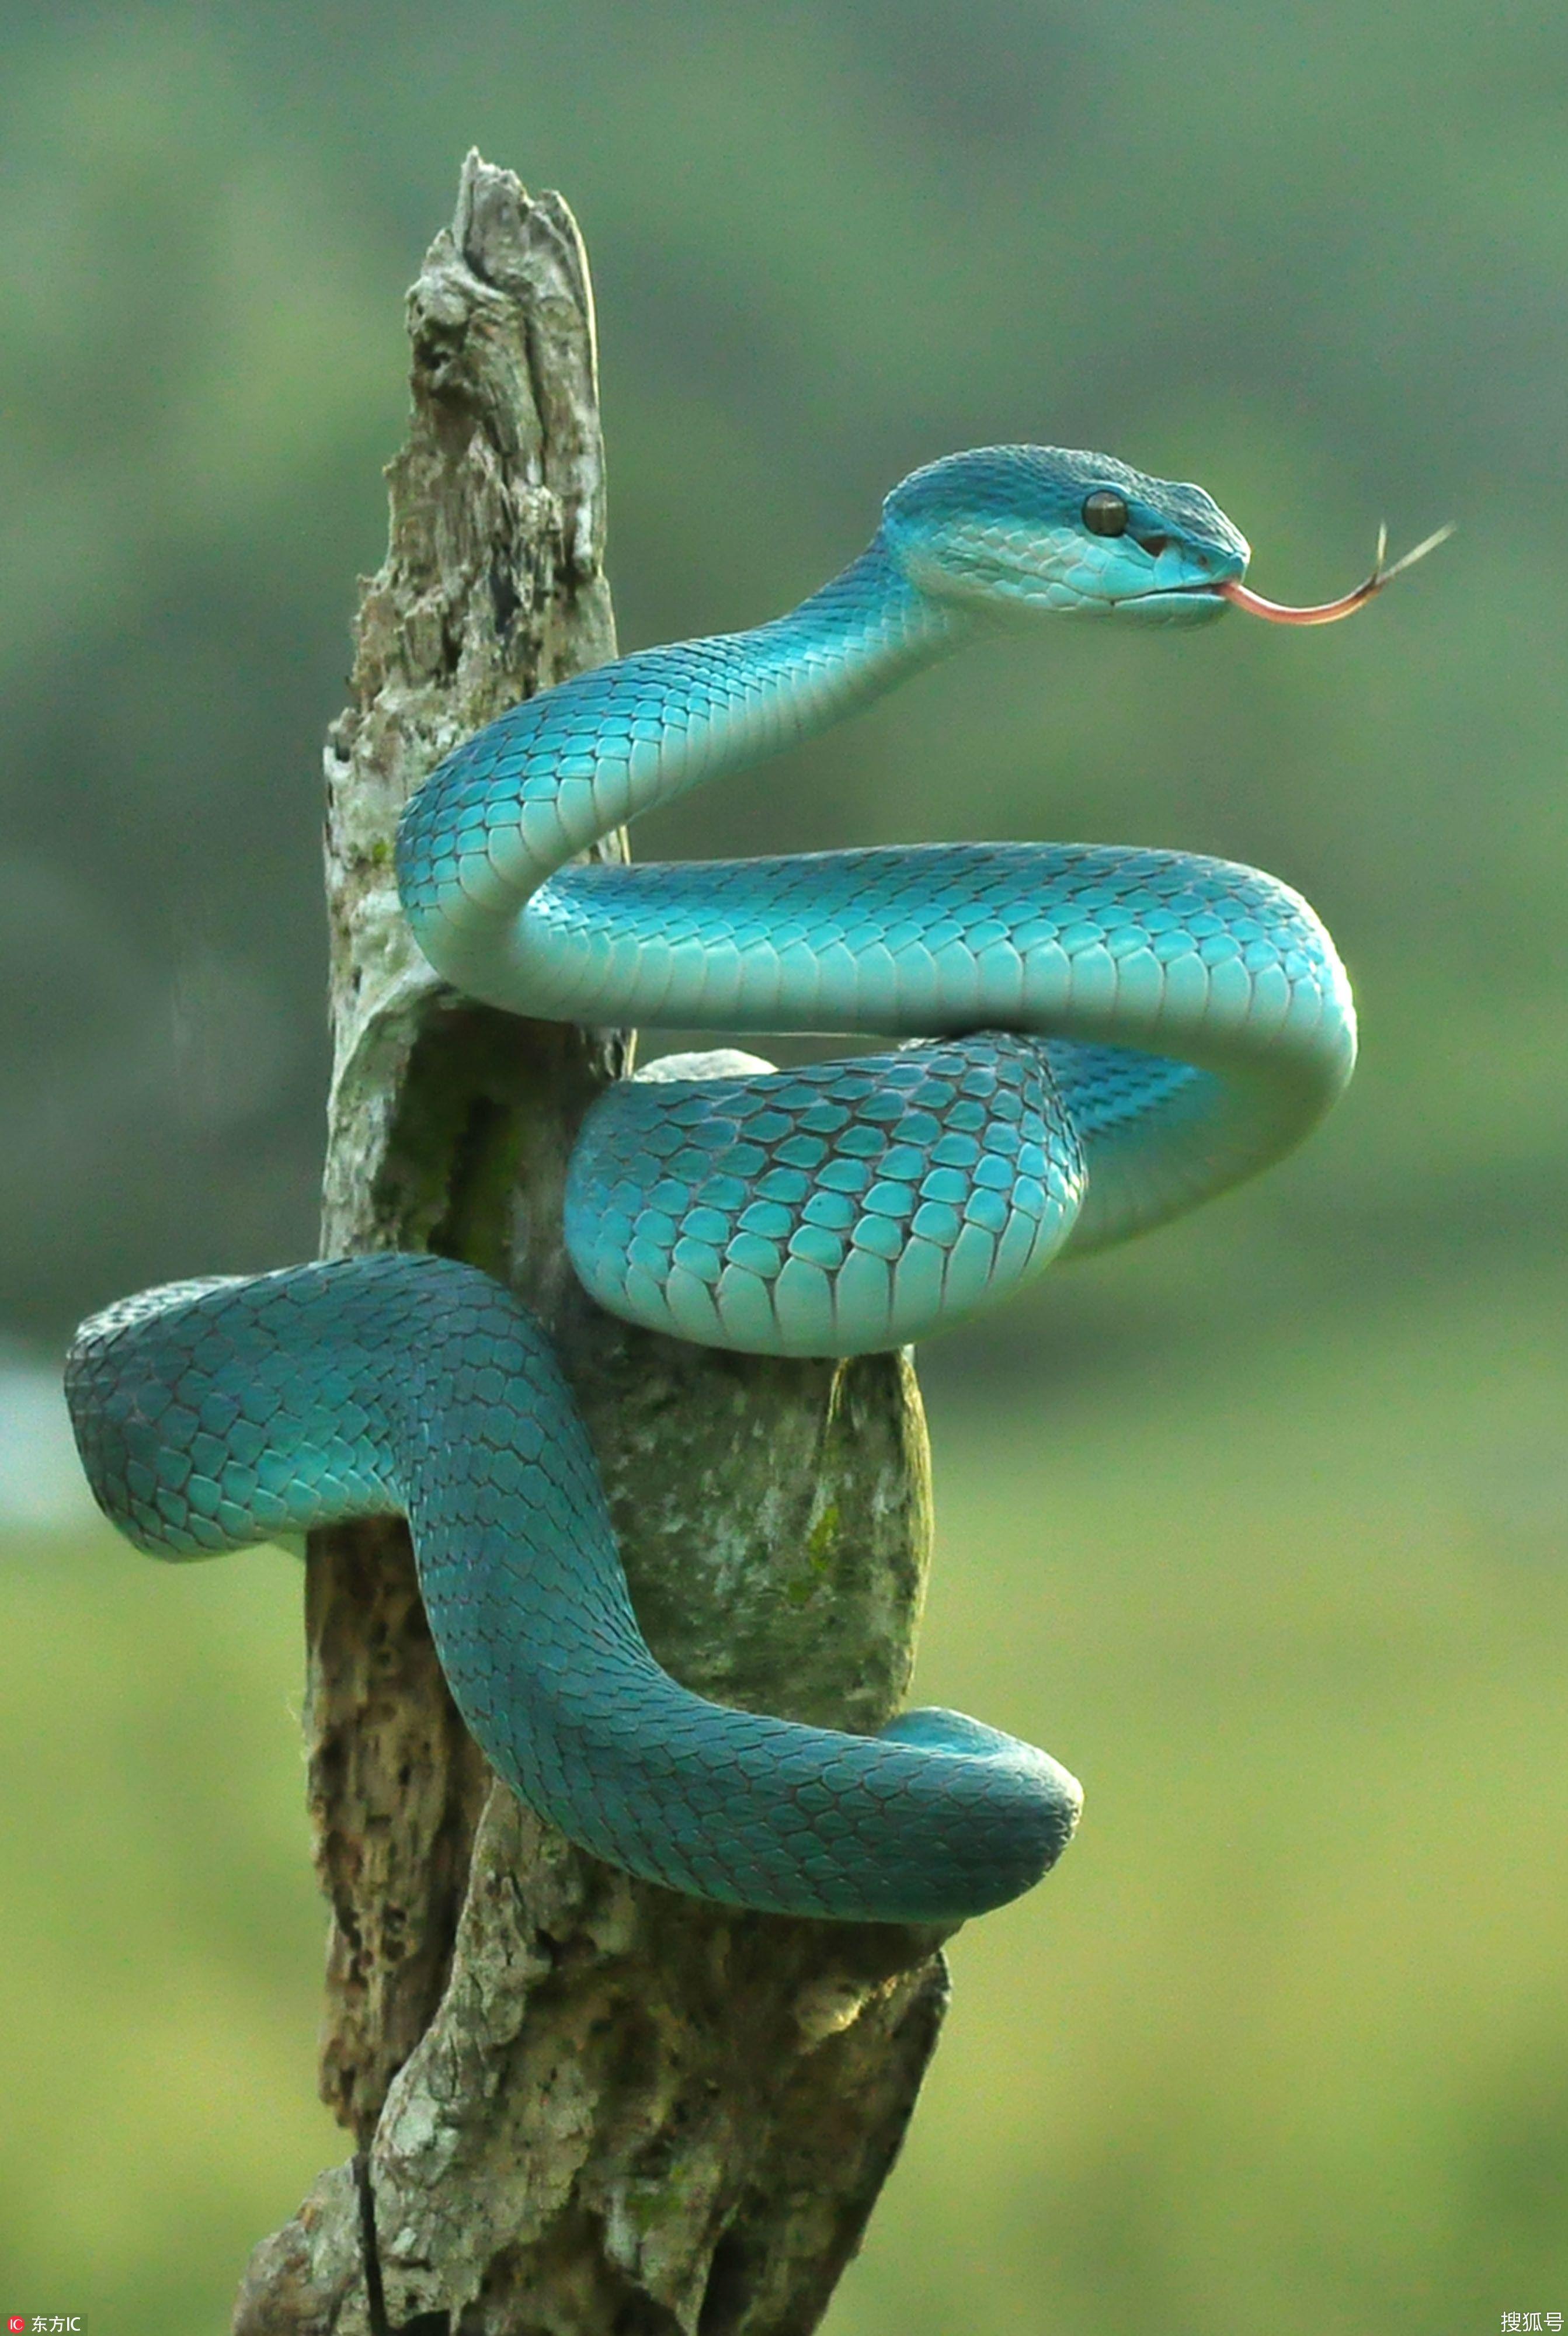 18+ Blue viper wallpaper Wallpaper